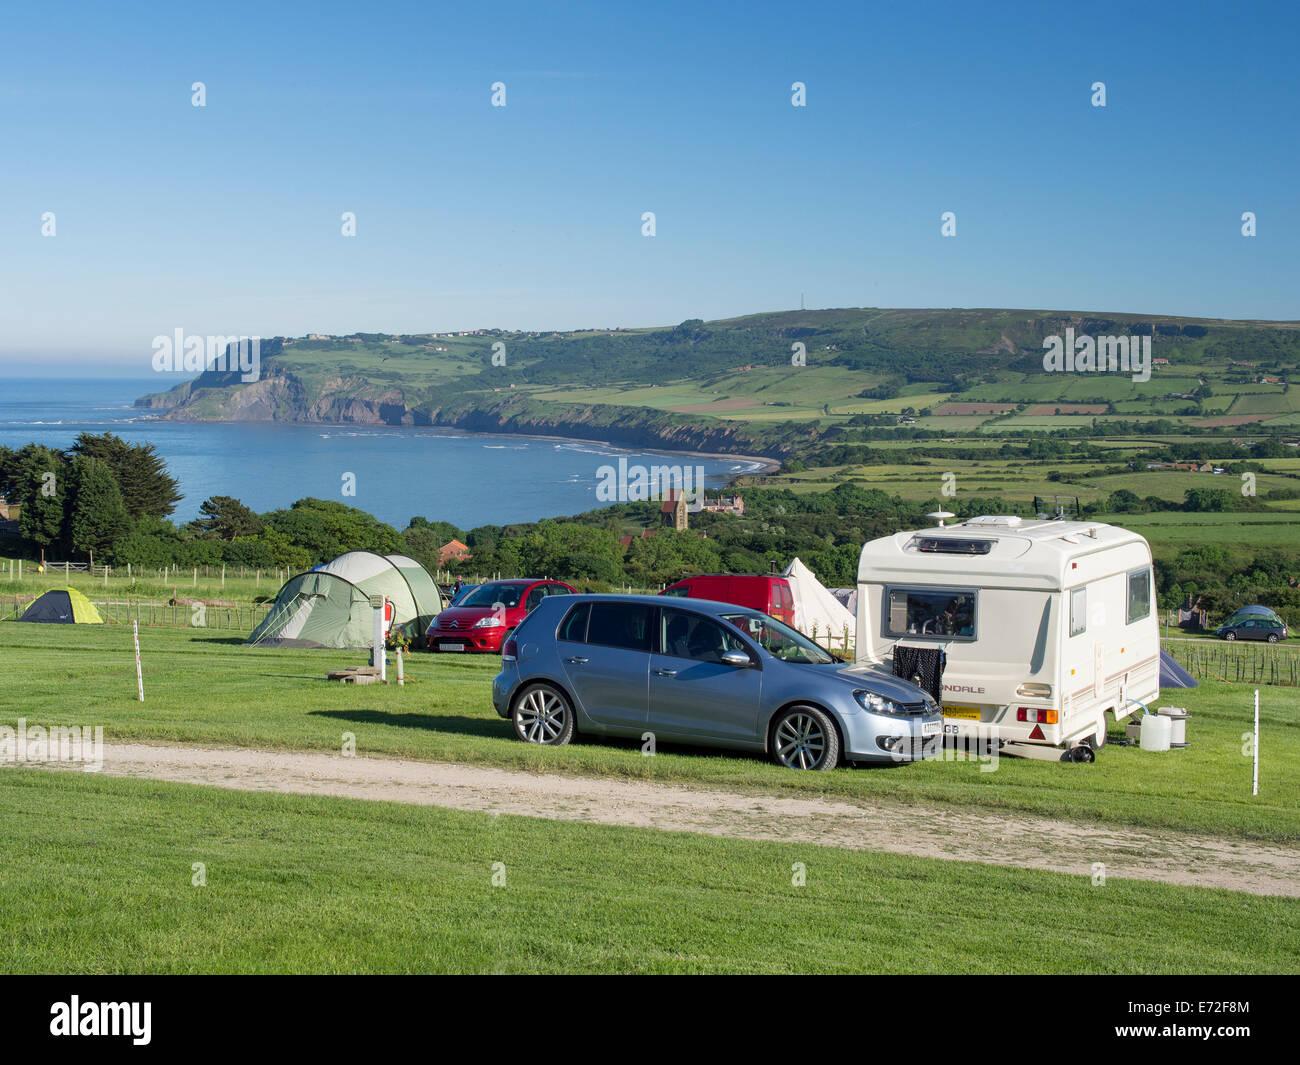 Caravan Und Camping Auf Dem Bauernhof Haken Bei Robin Hoods Bay In